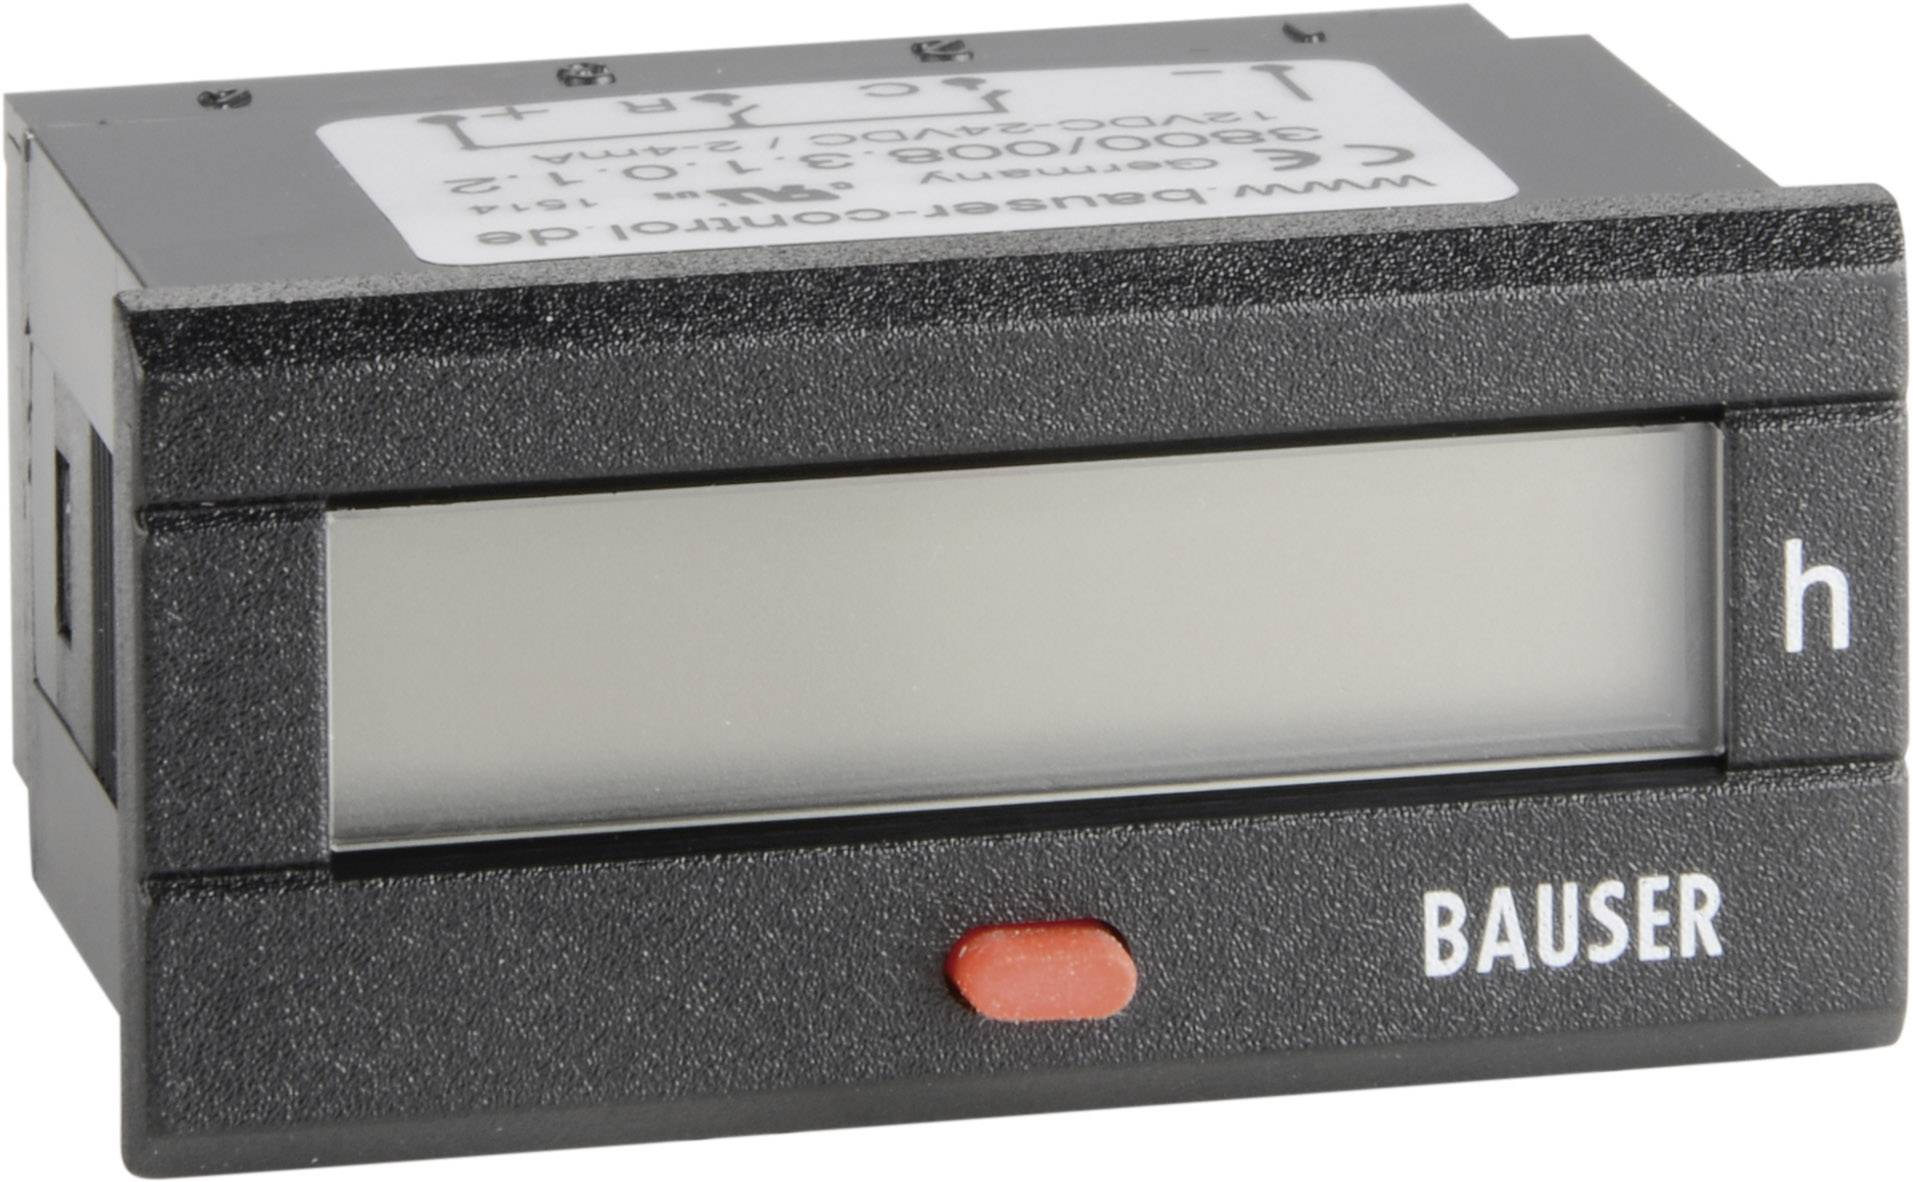 Bauser 3800/008.2.1.0.1.2-003  Digitalni brojač radnih sati